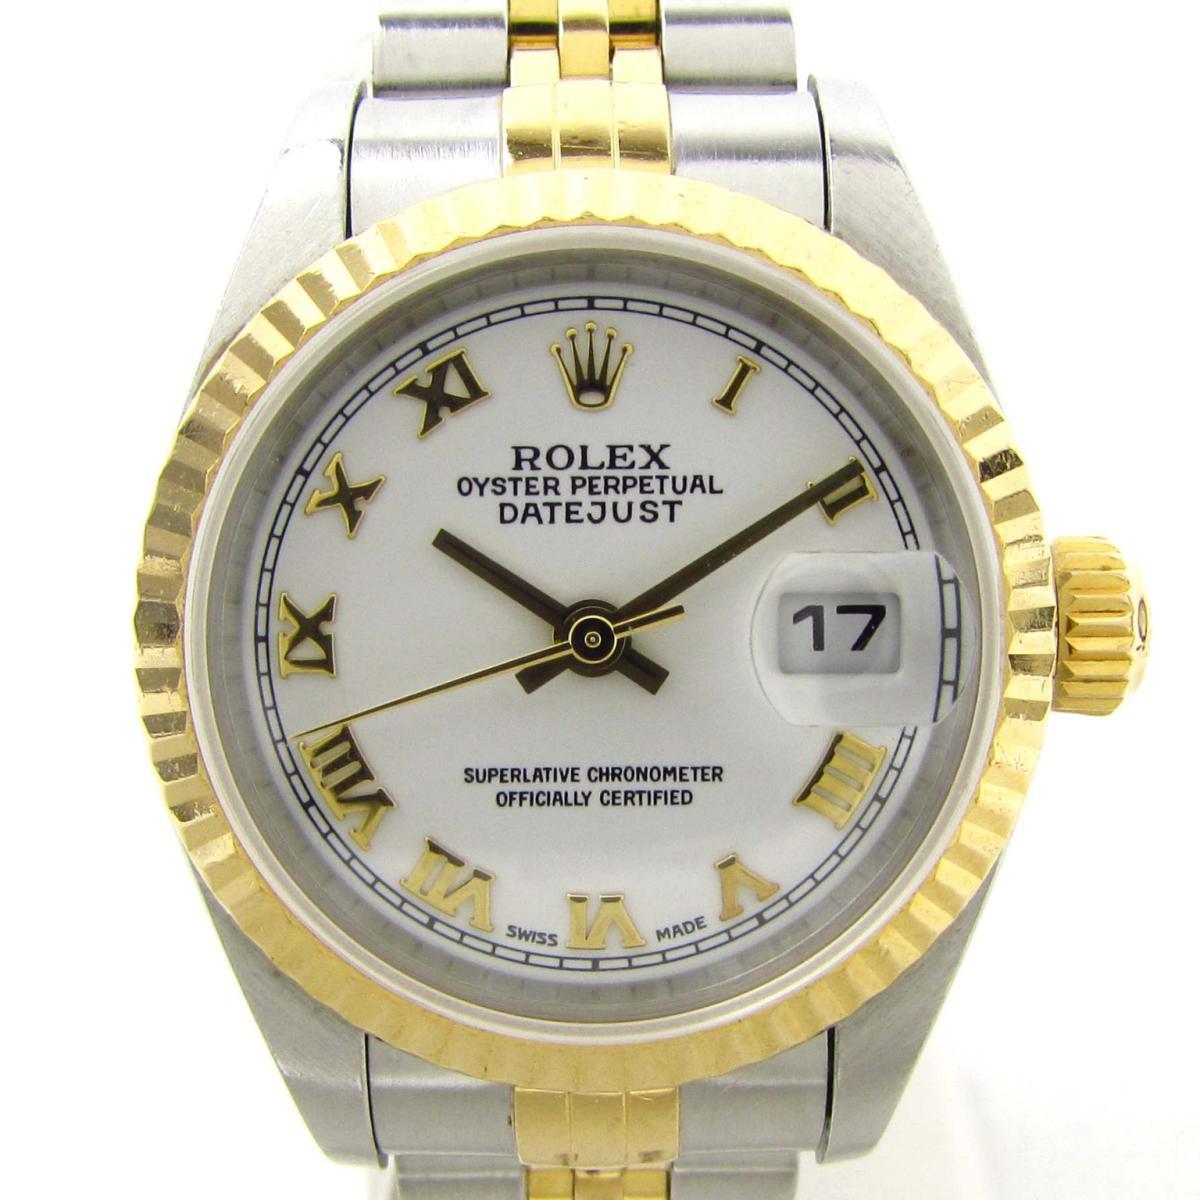 【中古】 ロレックス デイトジャスト ウォッチ 腕時計 レディース K18YG (750)イエローゴールド x ステンレススチール (SS) (79173 K番)   ROLEX BRANDOFF ブランドオフ ブランド ブランド時計 ブランド腕時計 時計